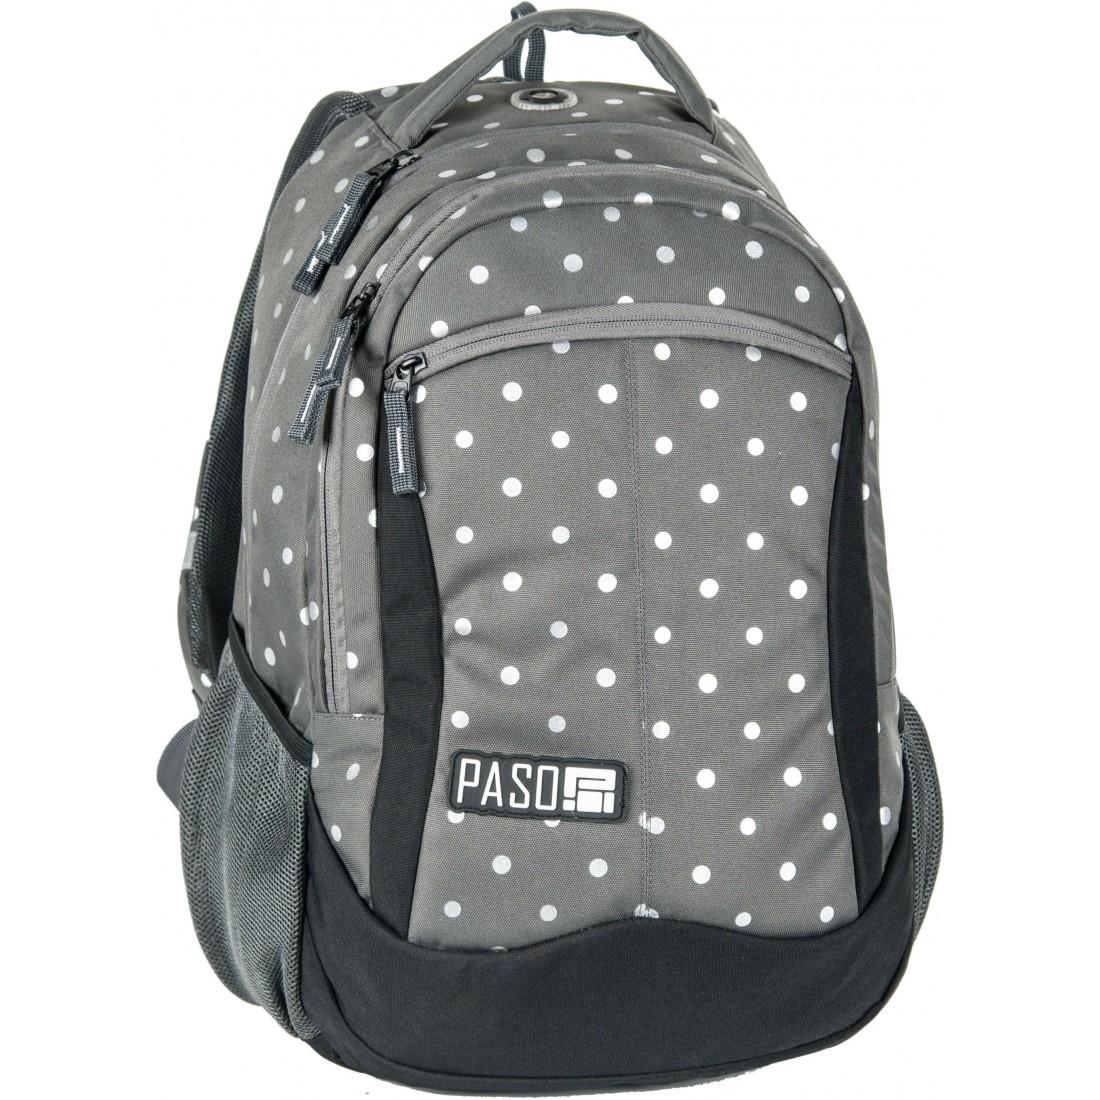 aad0c65ba4fc3 Plecak młodzieżowy do szkoły Paso Silver Dot w kropki dla dziewczyny ...